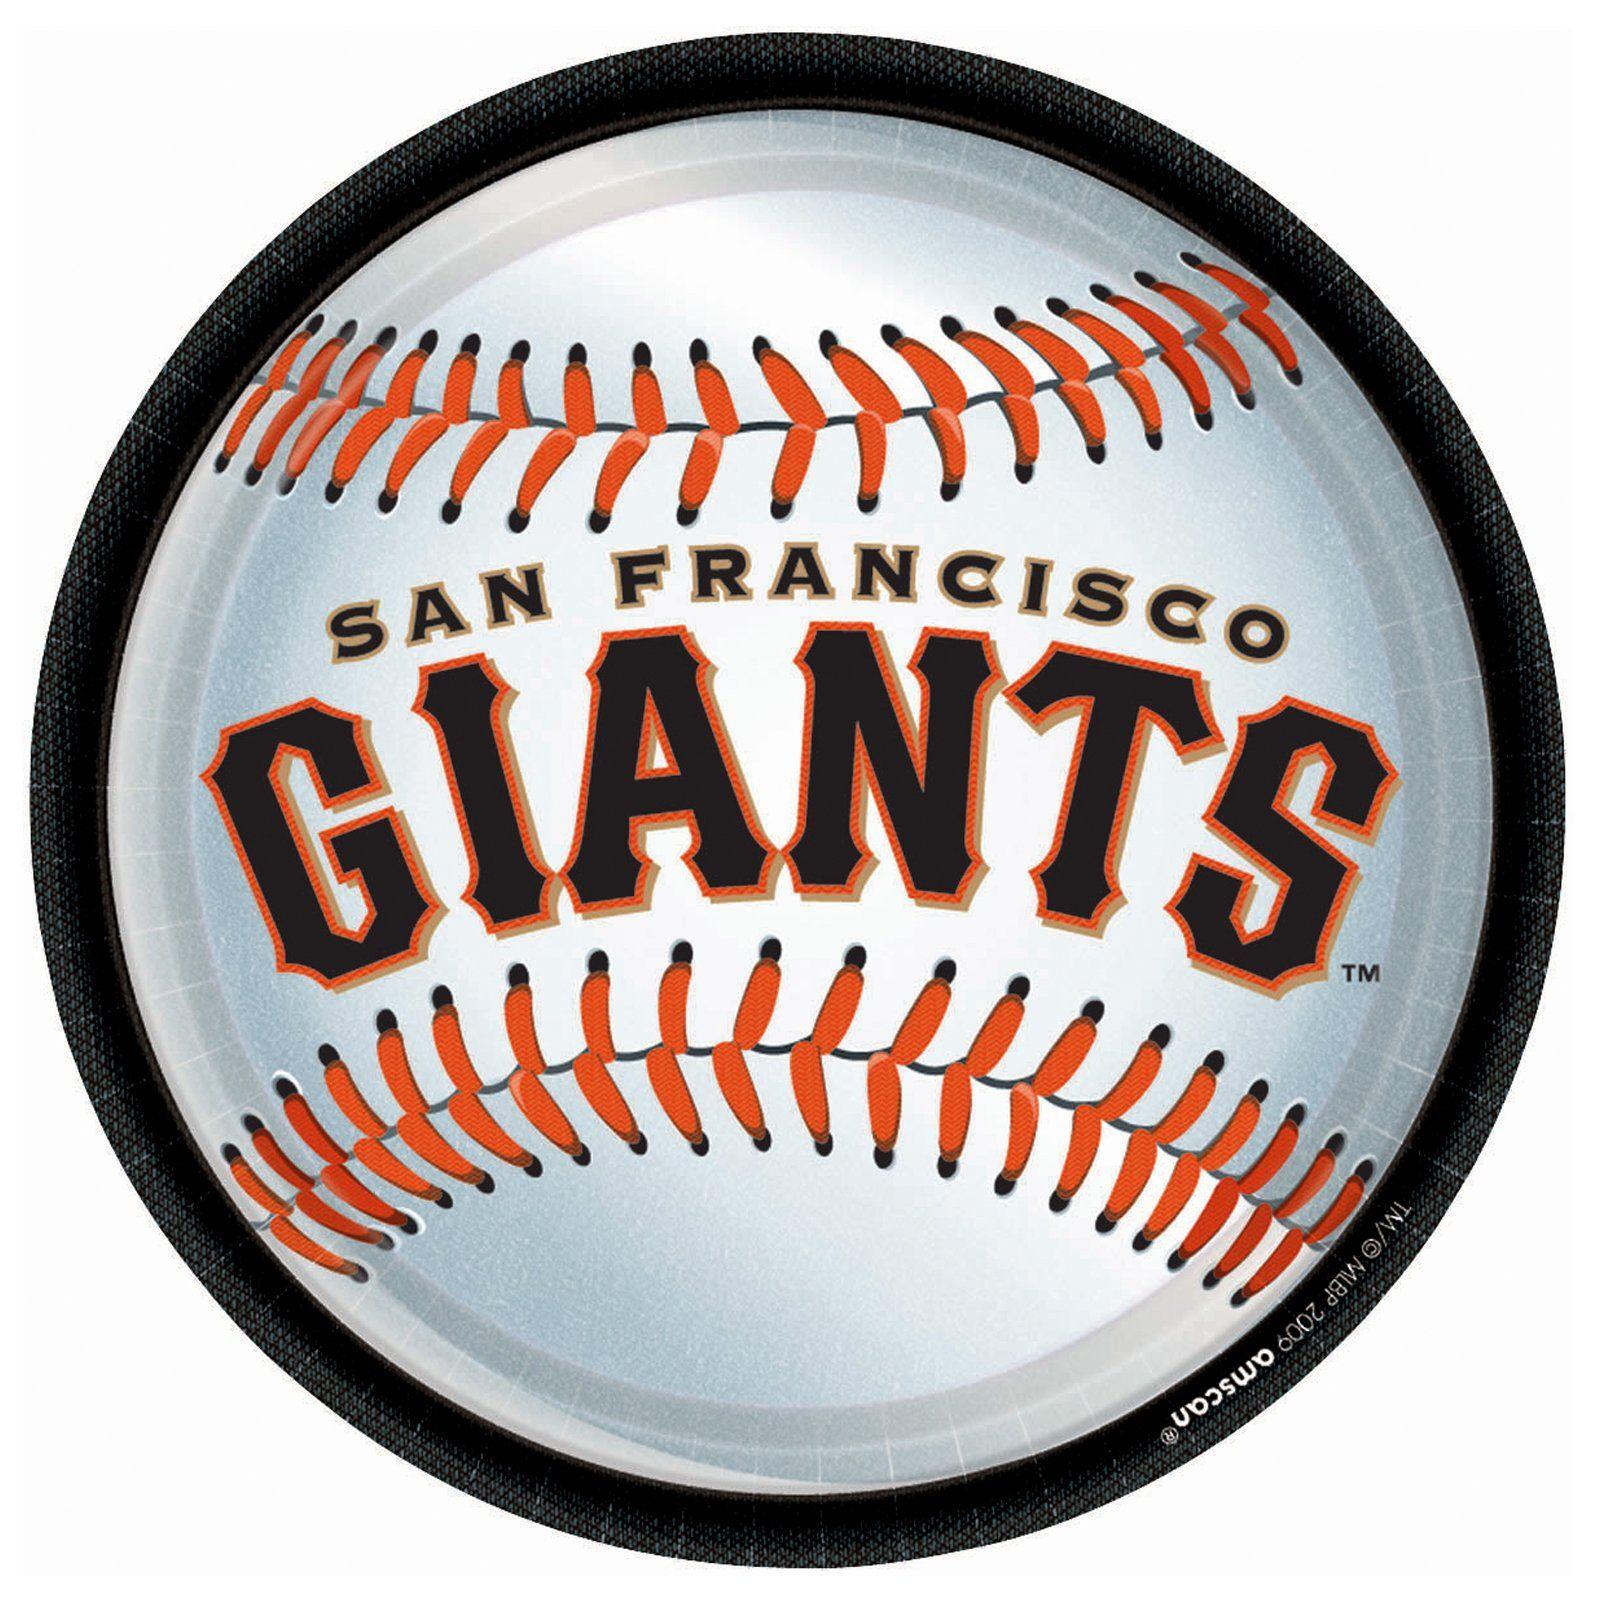 SF Giants Logos Printable.